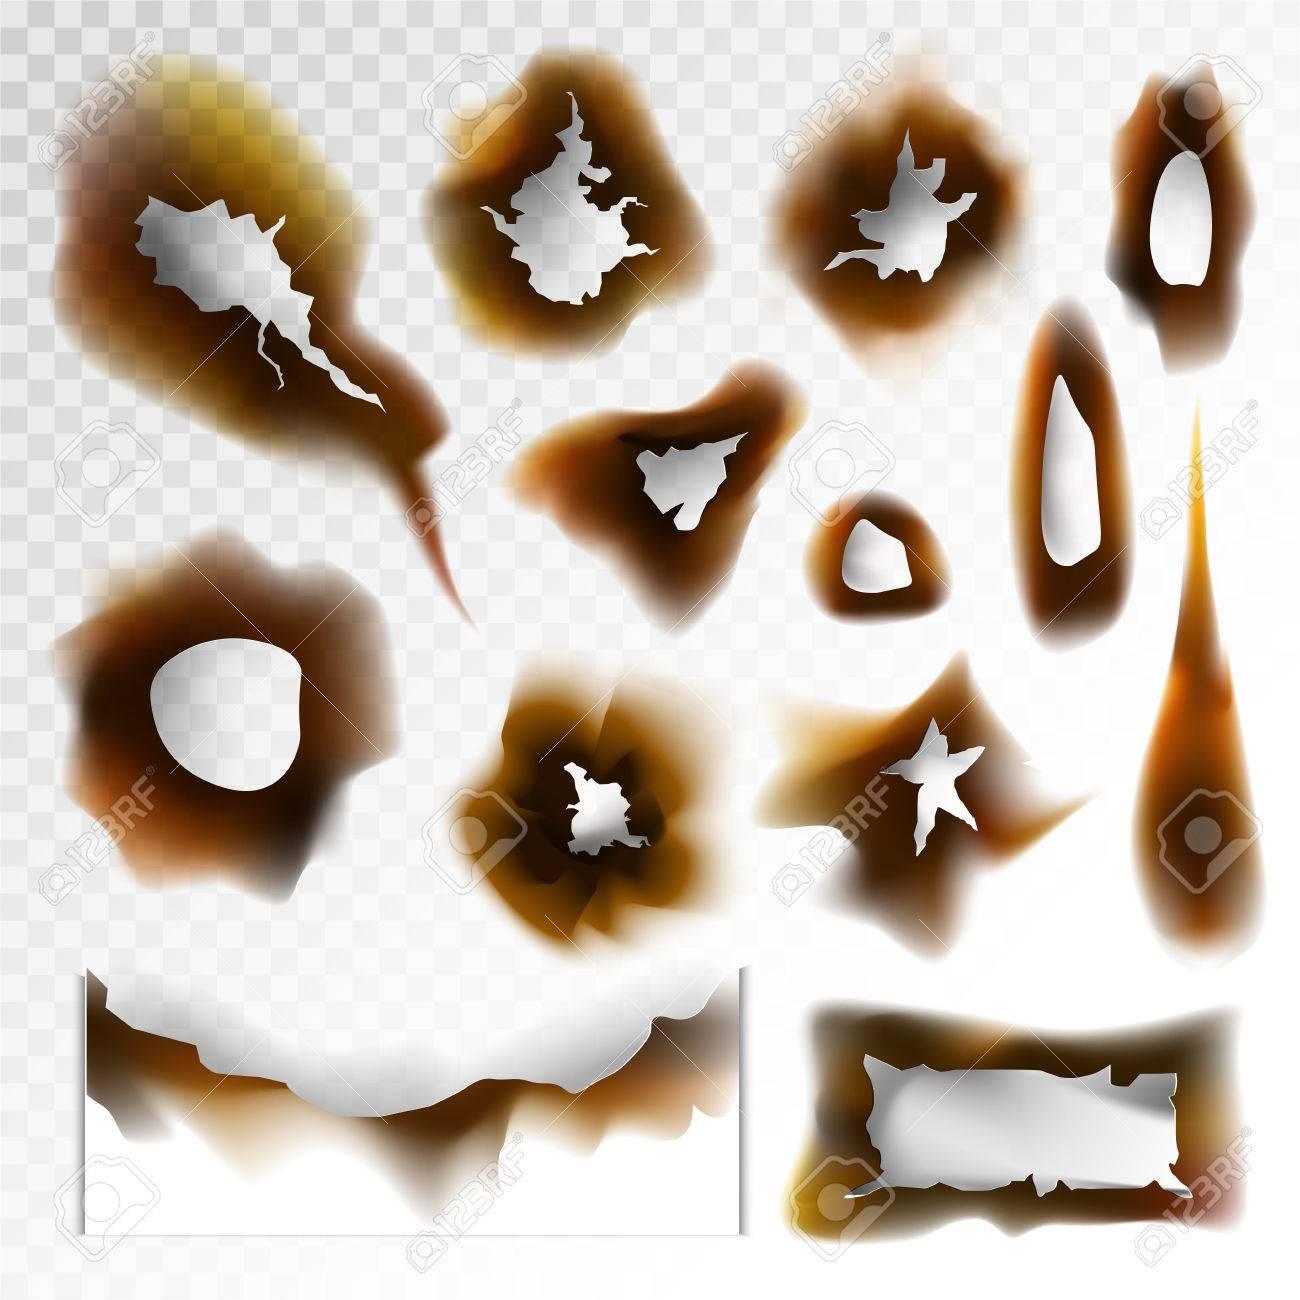 透明な背景に焦げた穴焦げた紙ベクター要素のイラスト素材ベクタ